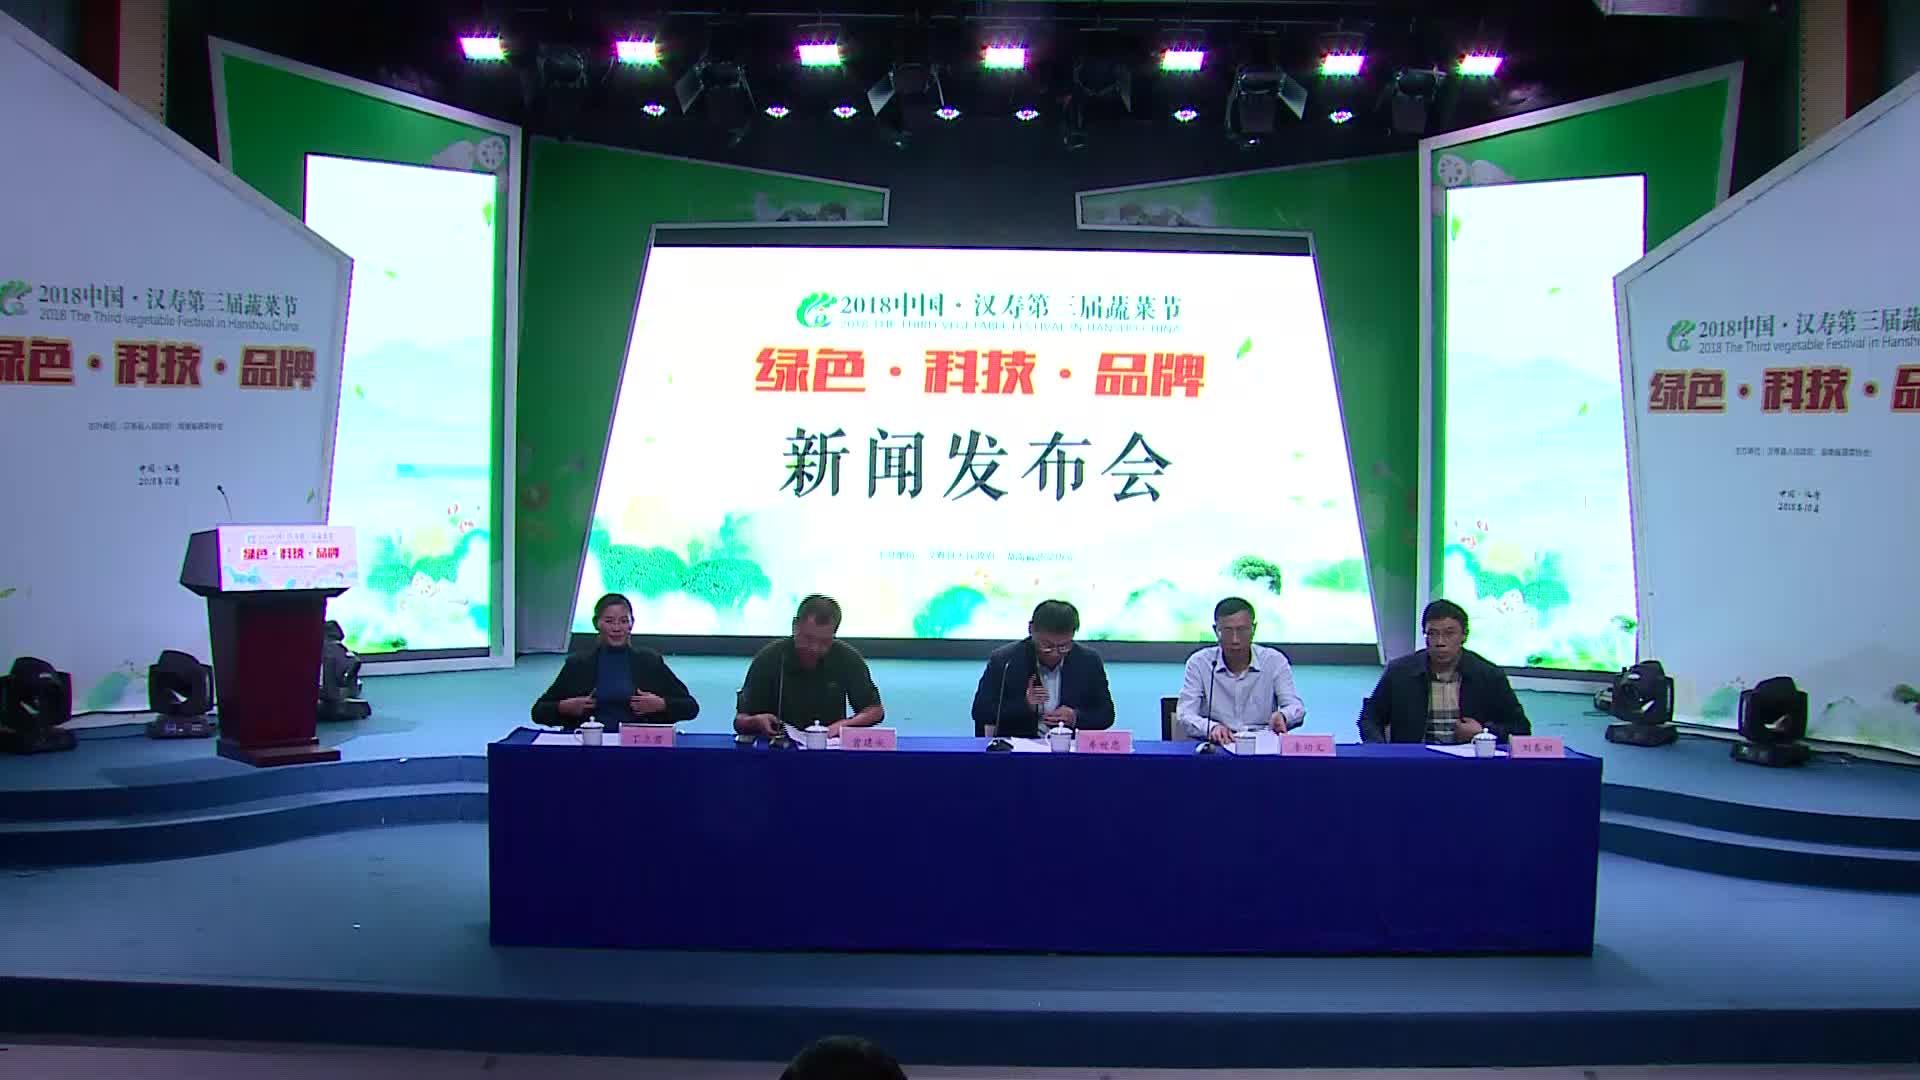 【全程回放】中国·汉寿第三届蔬菜节新闻发布会